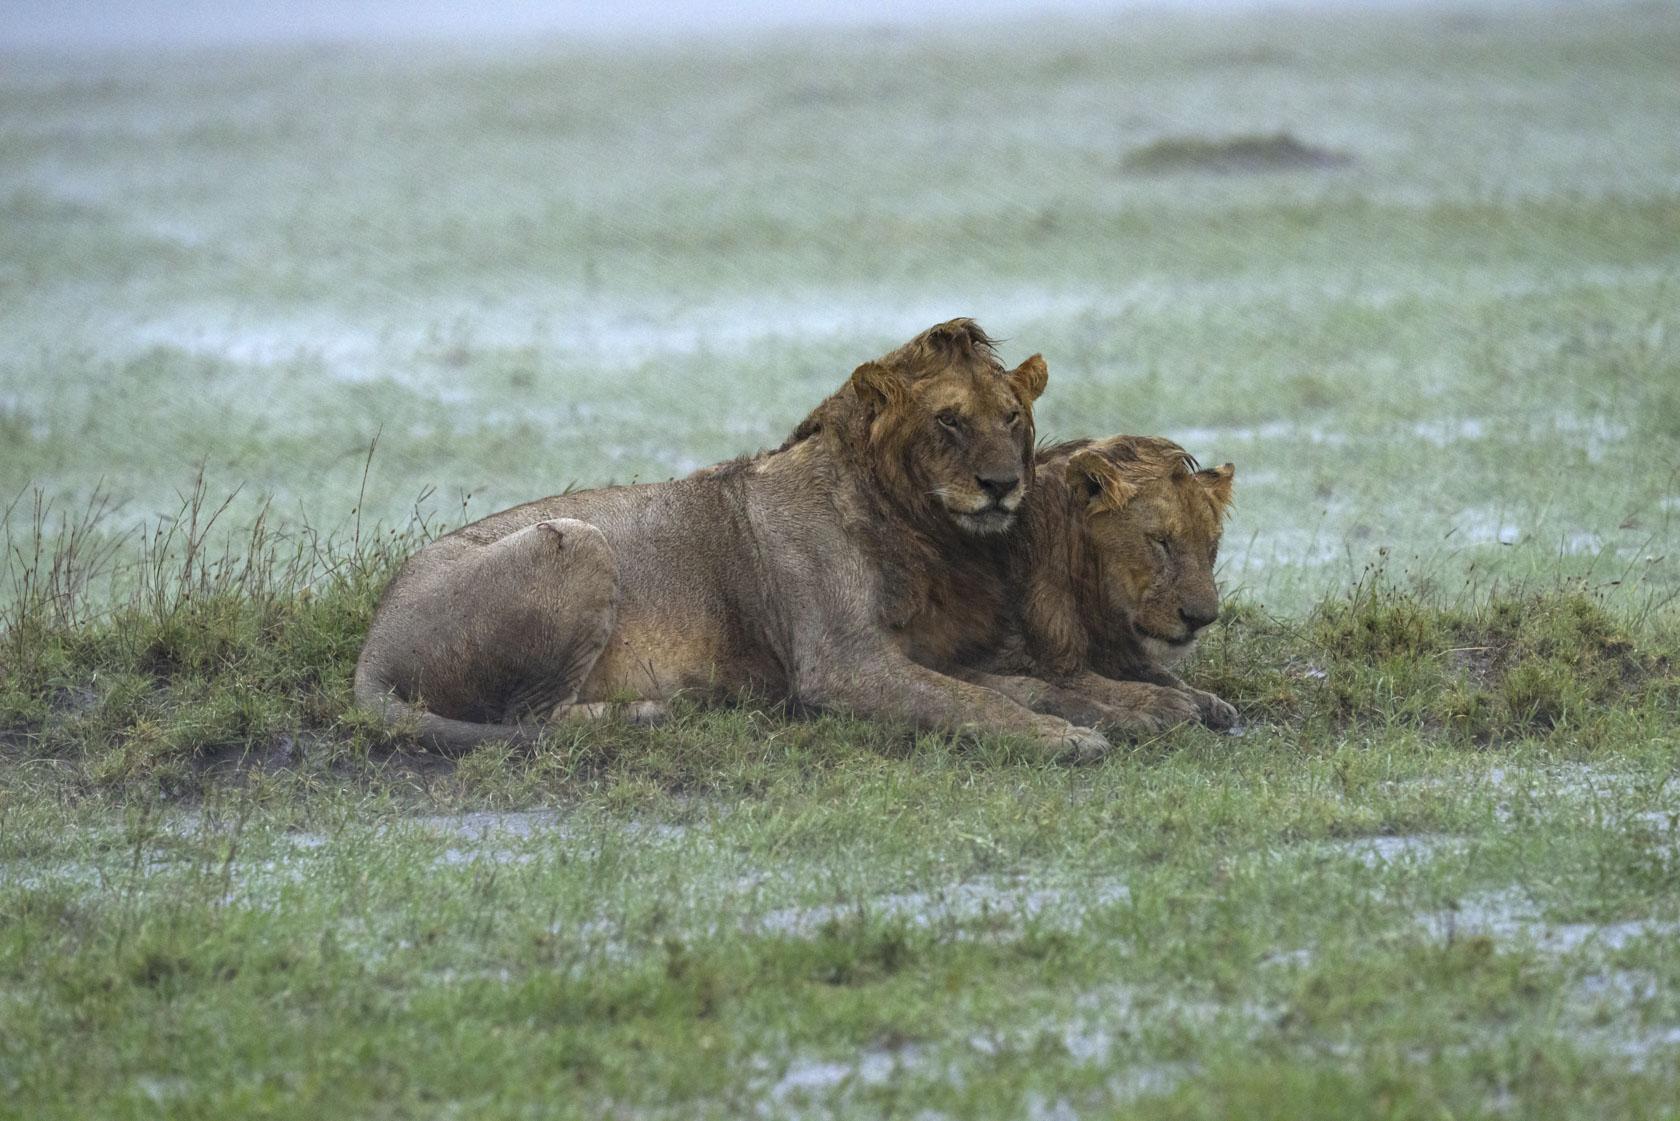 Als der Regen nach einer Stunde langsam nachlässt, ist aus der Savanne ein knöcheltiefer Schlammsee geworden